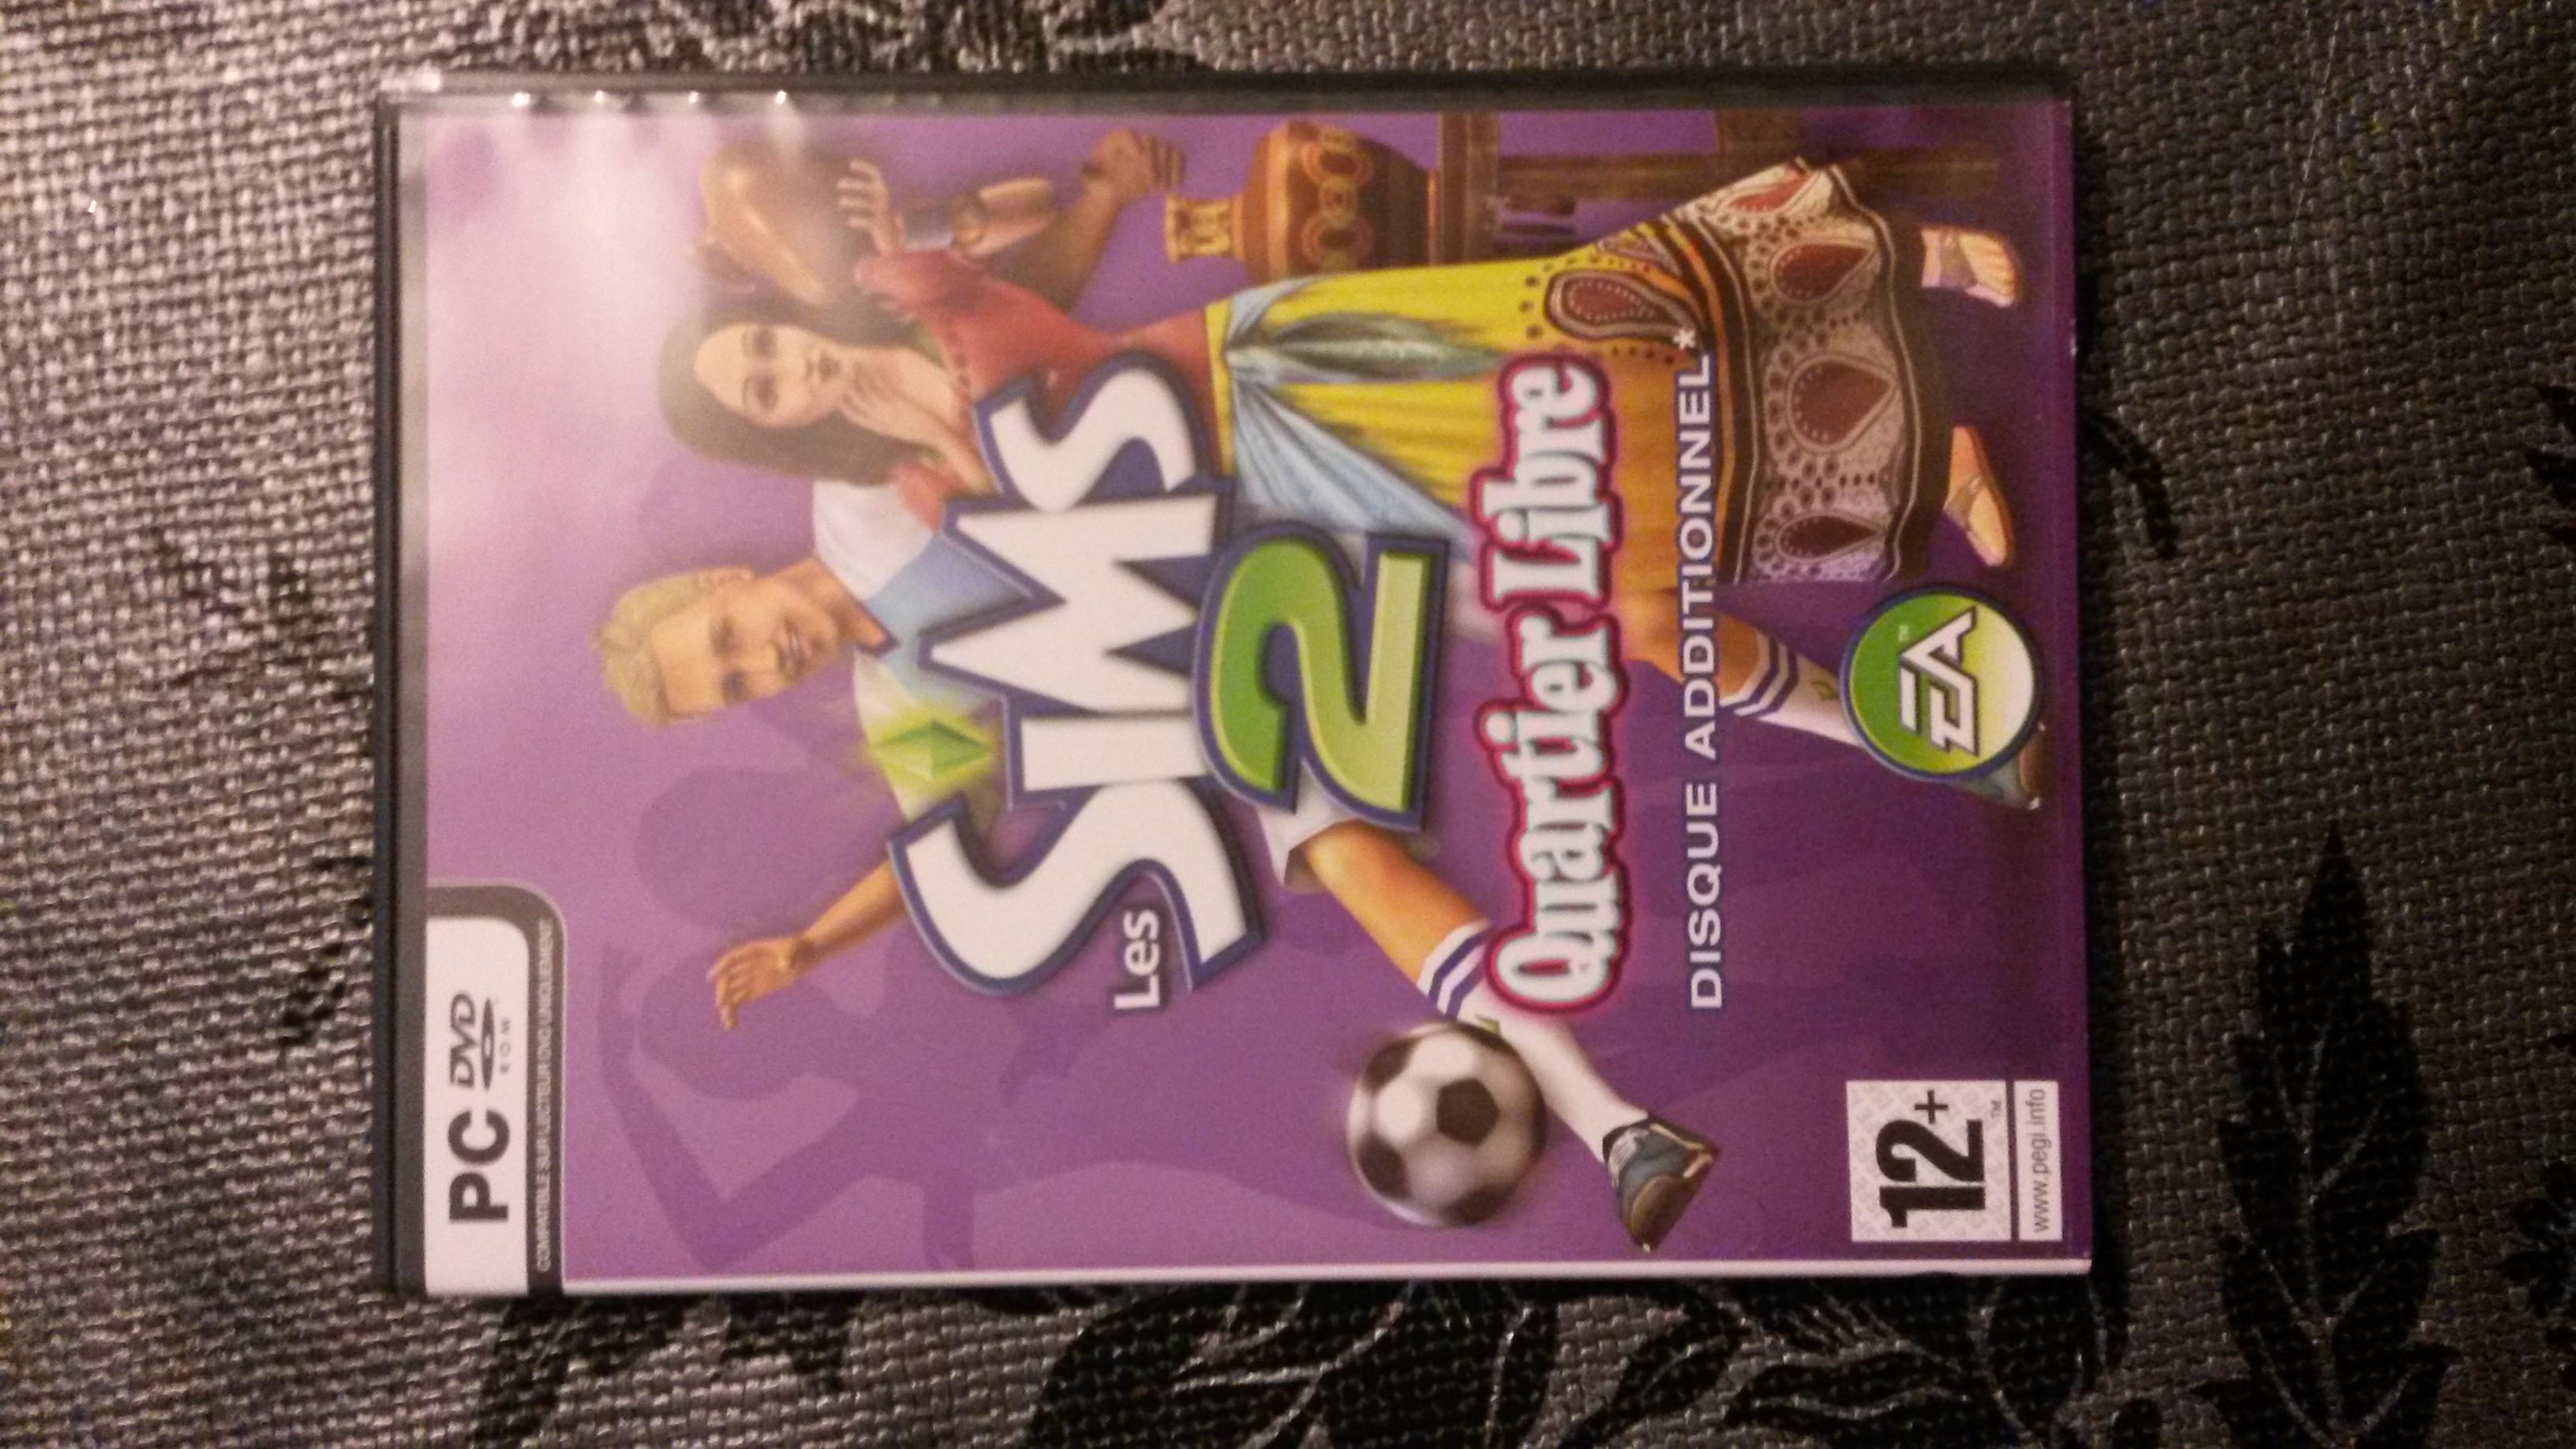 [ESTIM] Jeux PS2 - GameCube 180122035111620837